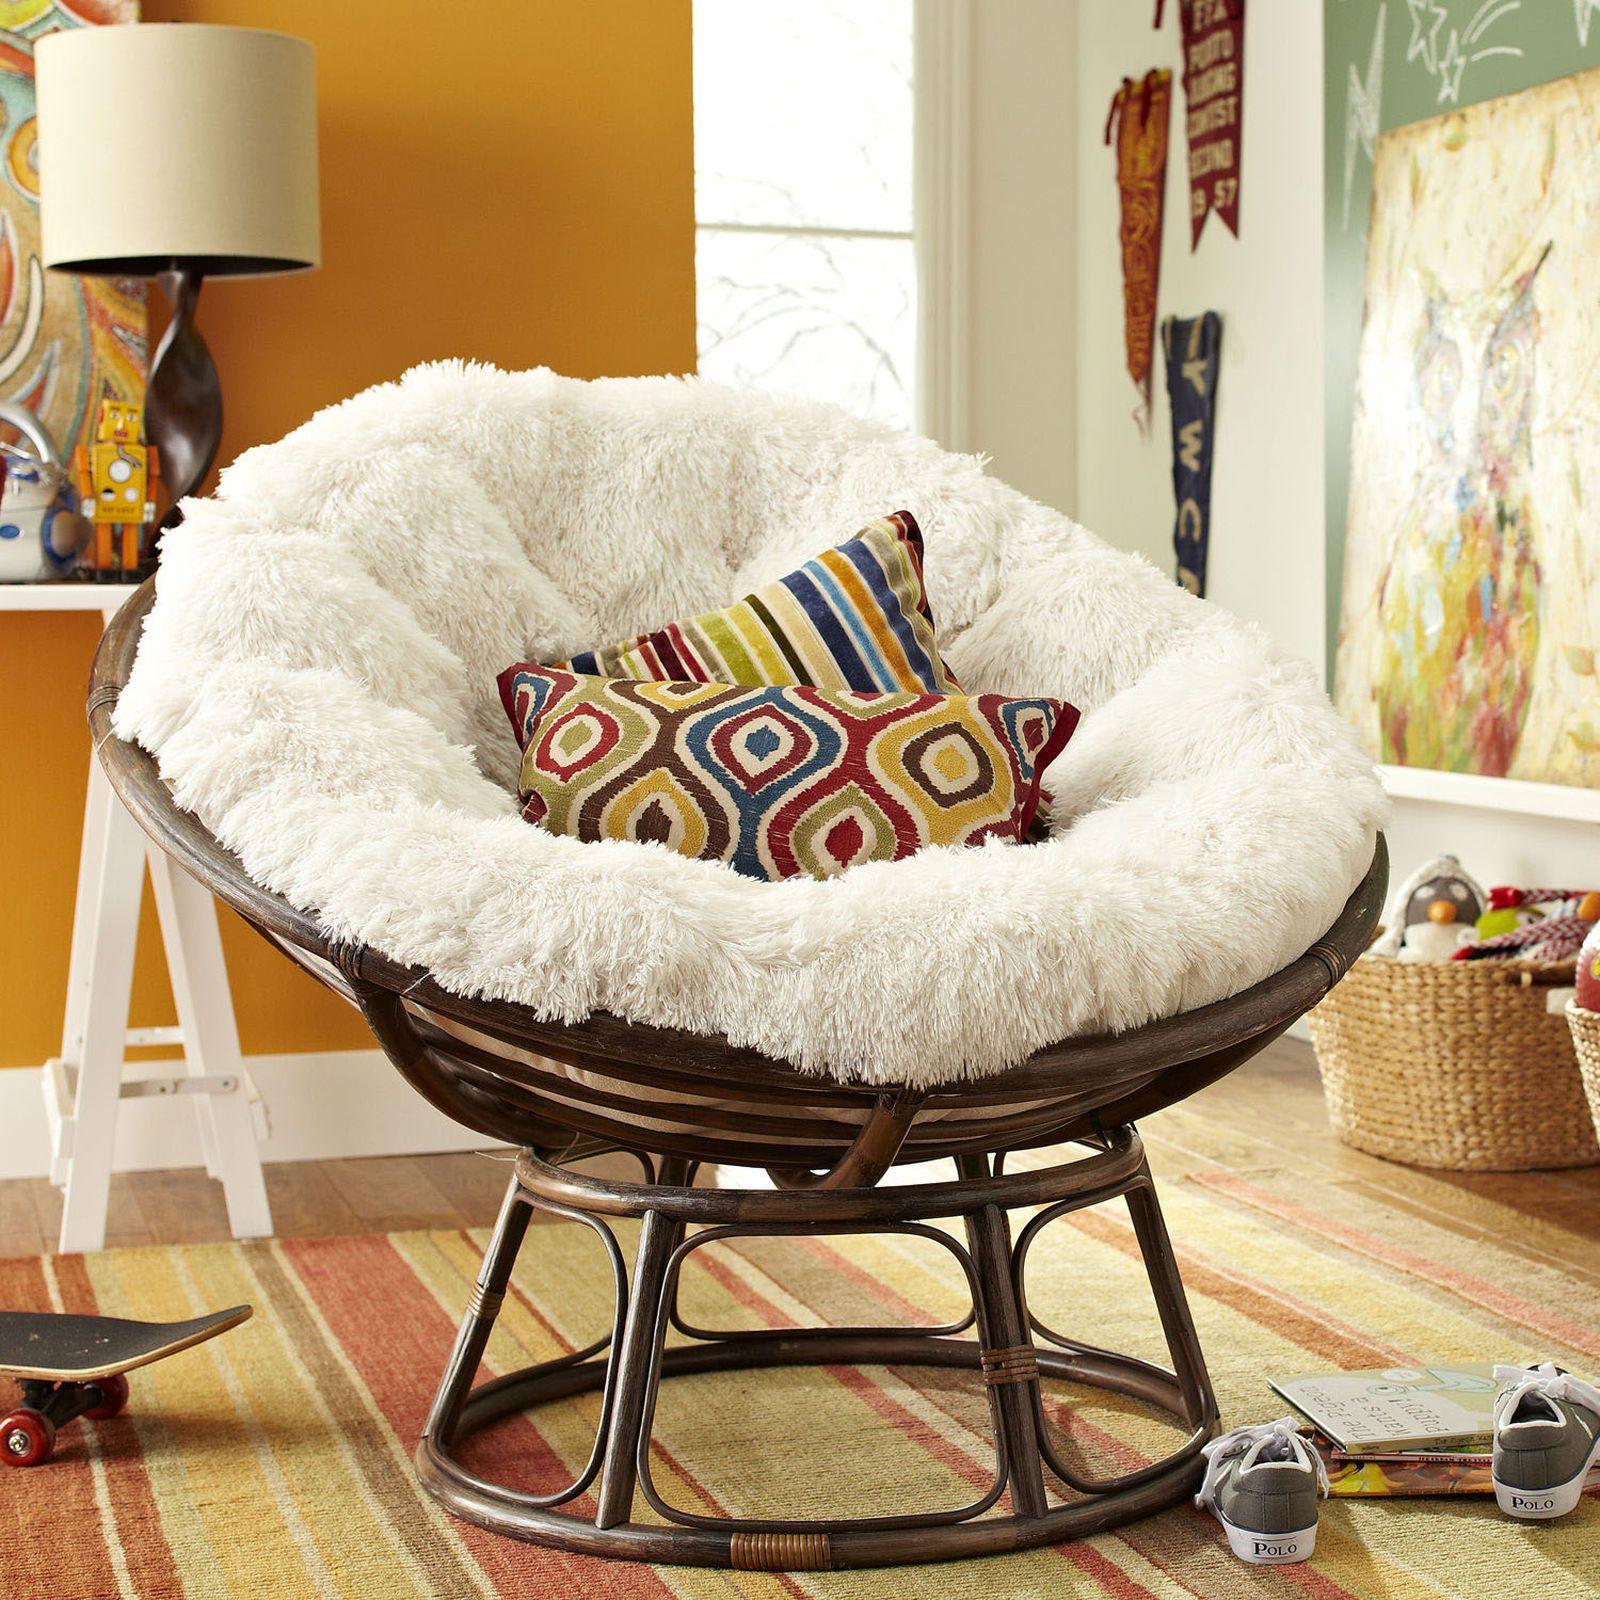 Pier One Round Chair Garden Oasis Patio Chairs Shaggy Sand Papasan Cushion Cushions